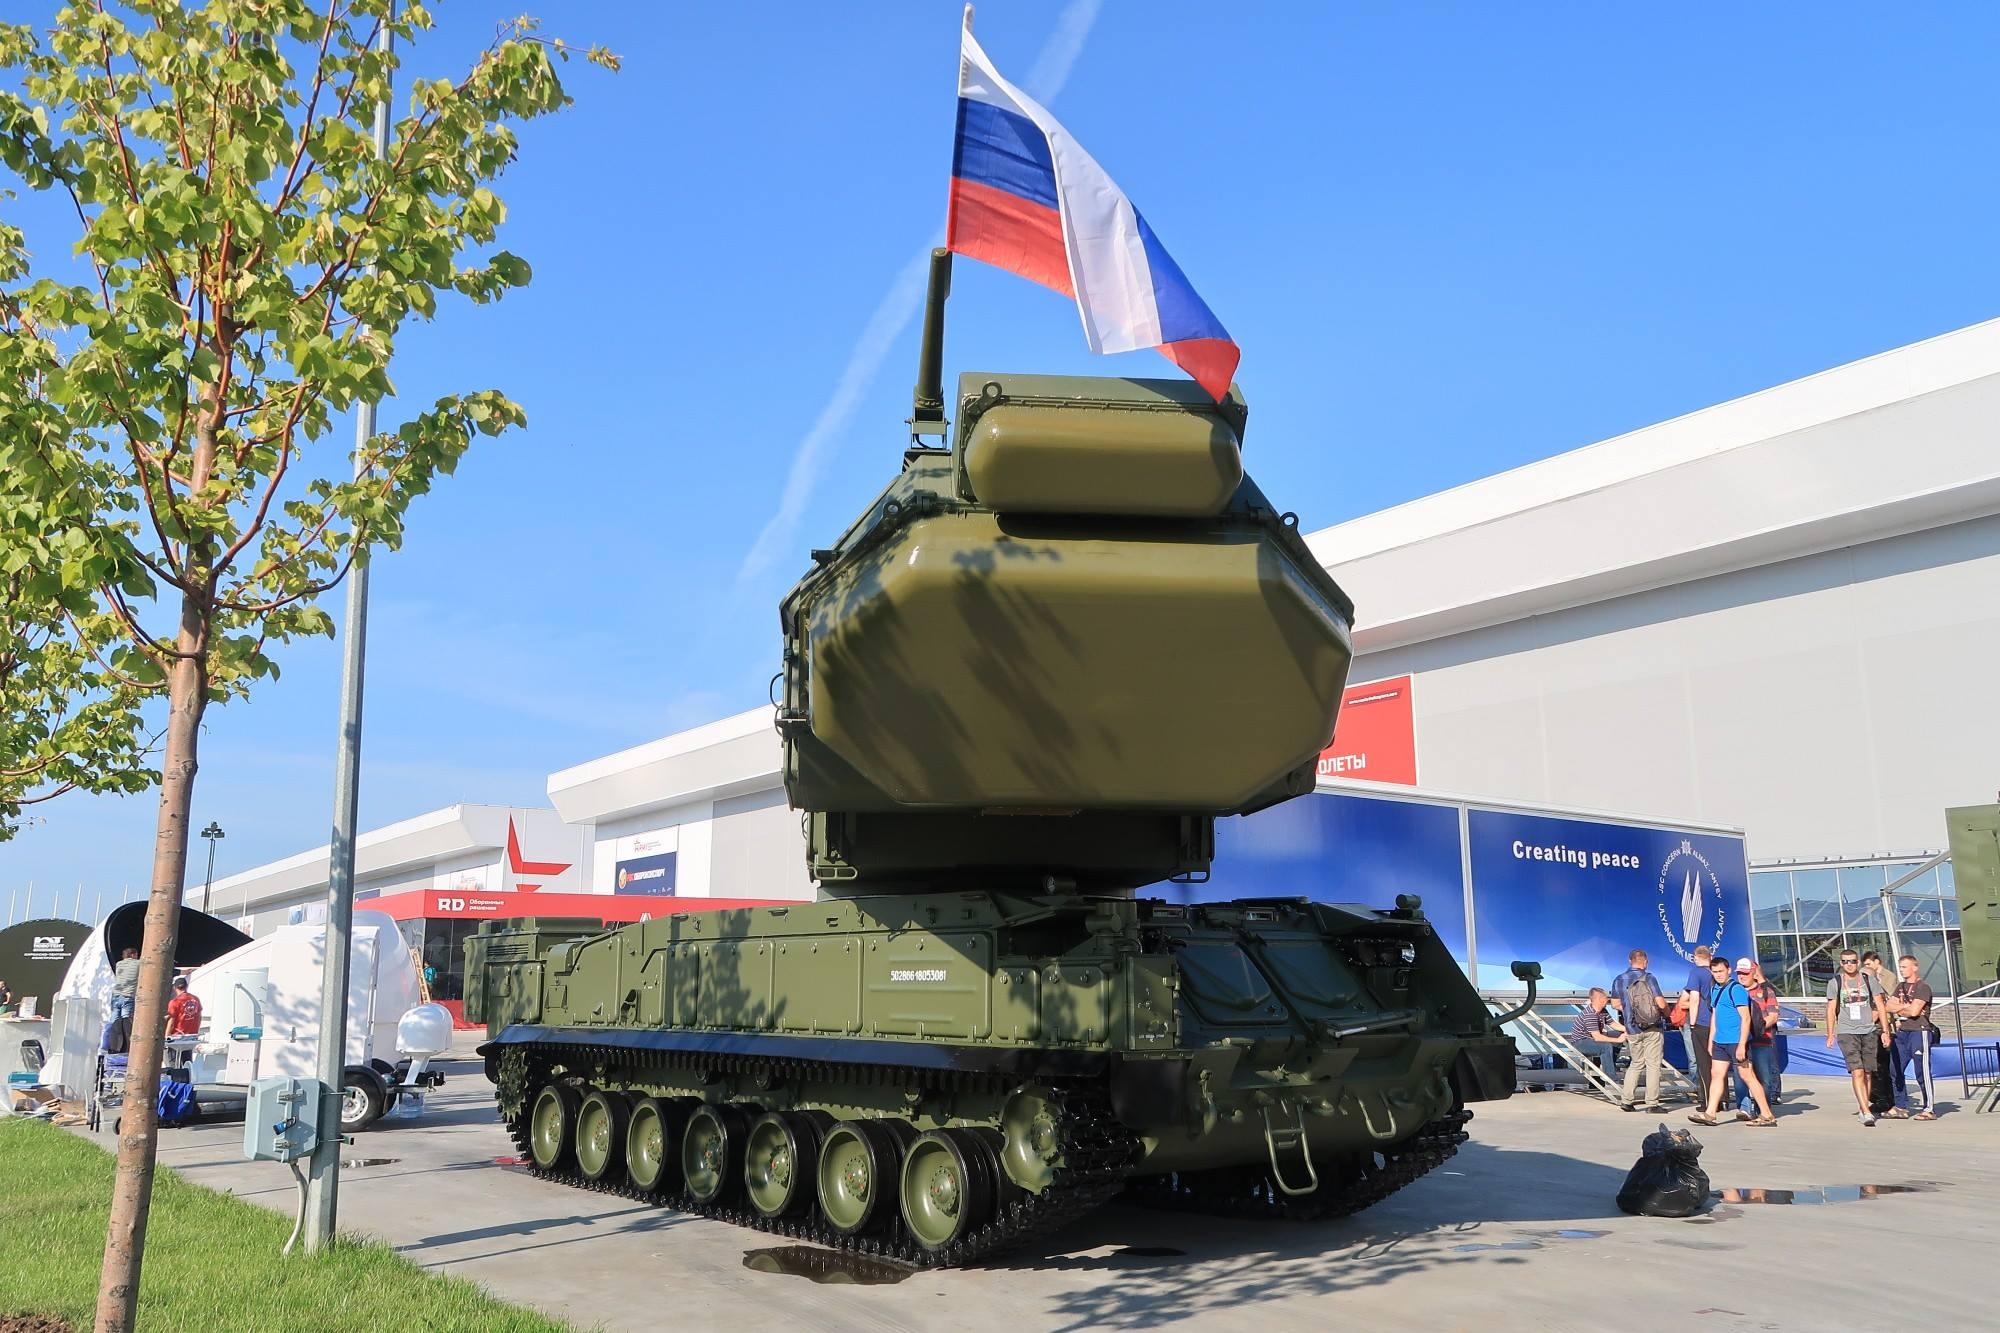 Army-2018:- Sistema de mísseis superfície-ar Buk-M3 é exibido pela primeira vez na mostra exterior para o público